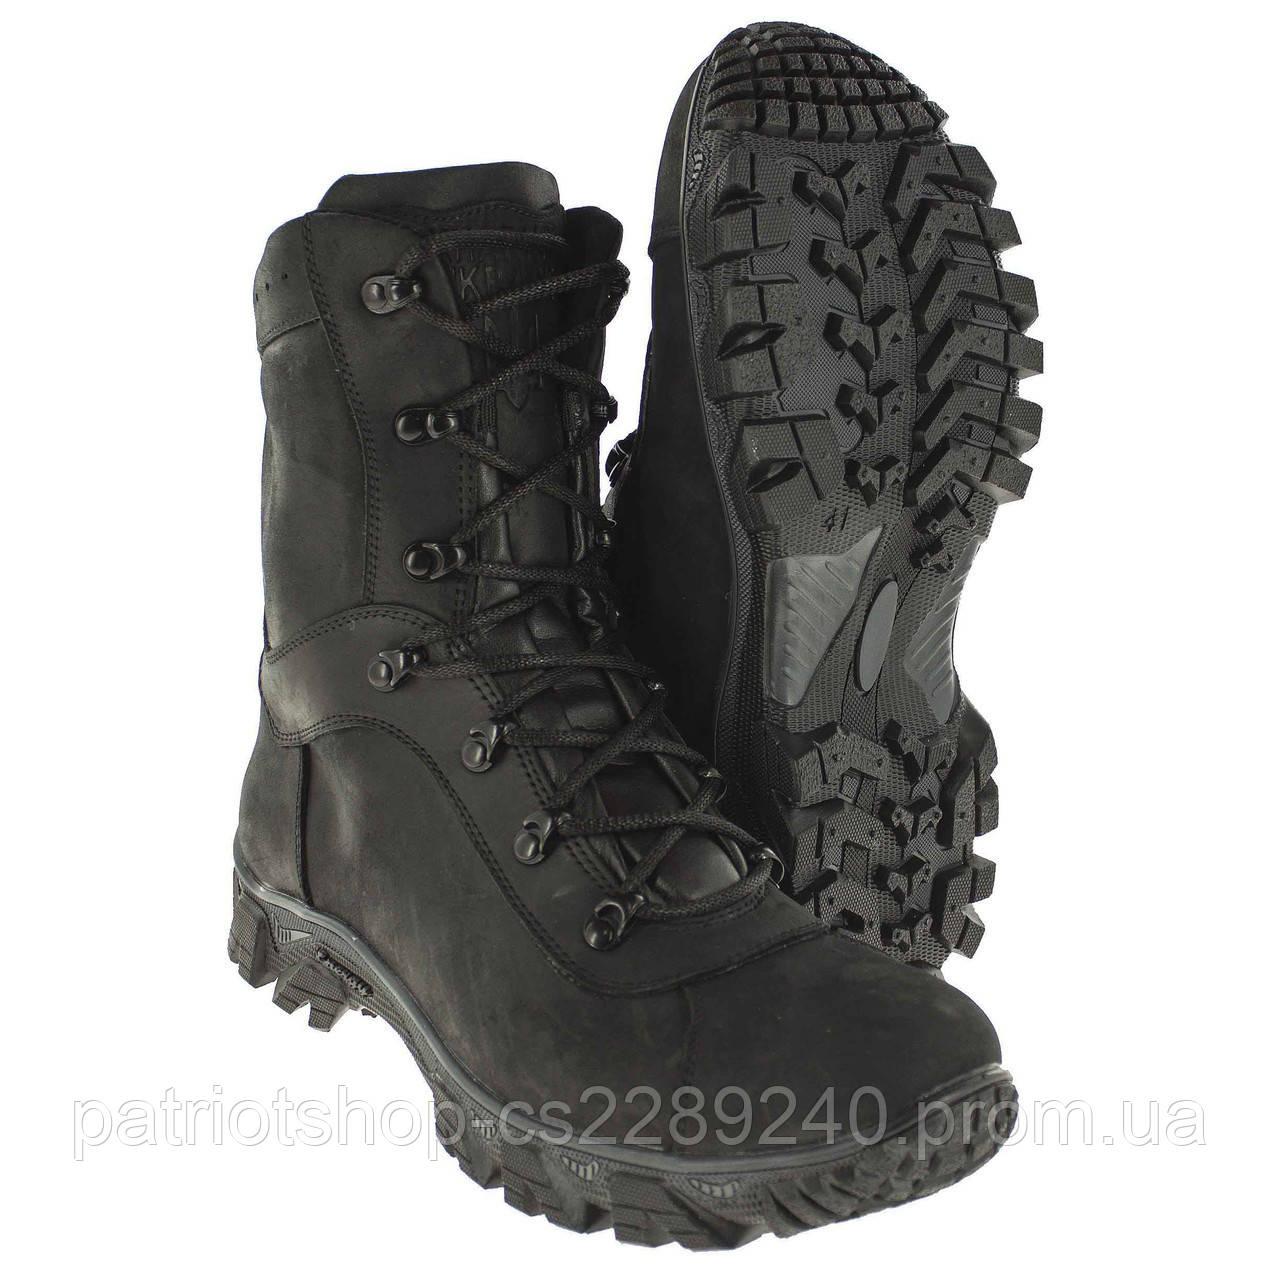 bb9cd9679006fd Взуття тактичні черевики чорні штурм-М7М - PatriotShop в Тернополе